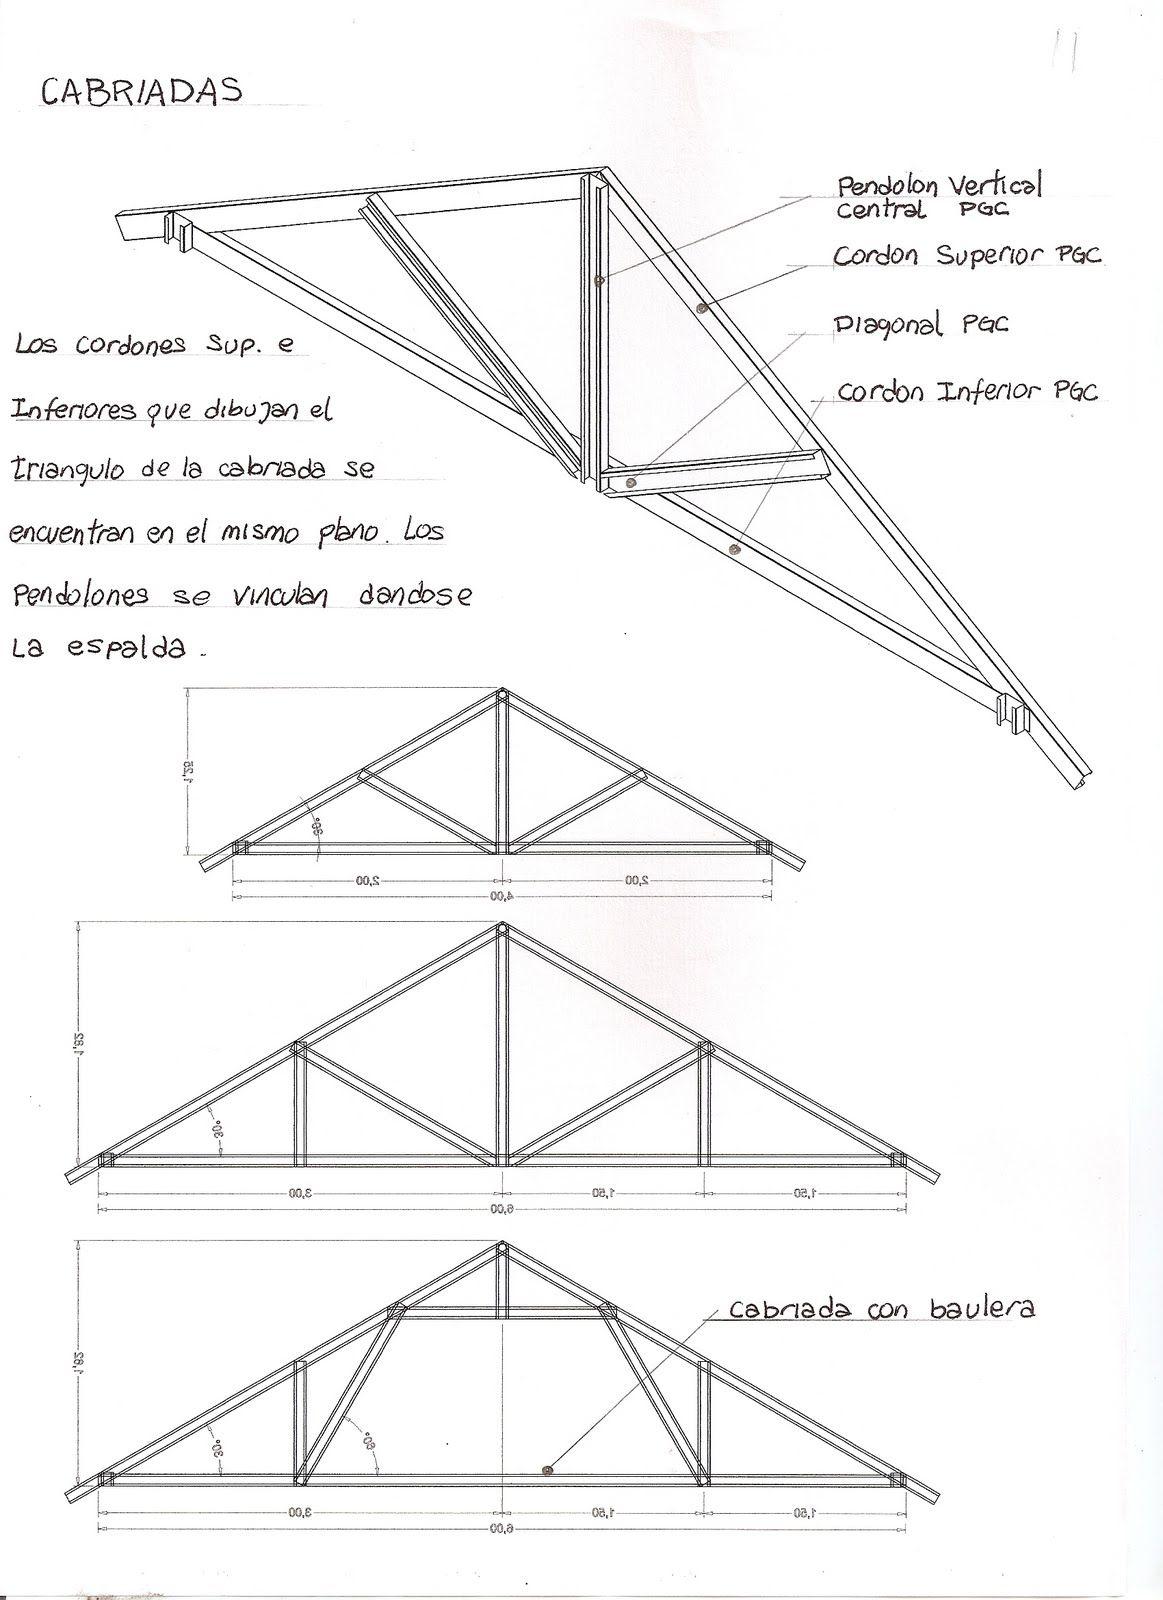 Construcciones cubiertas caba as cabriadas de madera - Estructura metalicas para casas ...